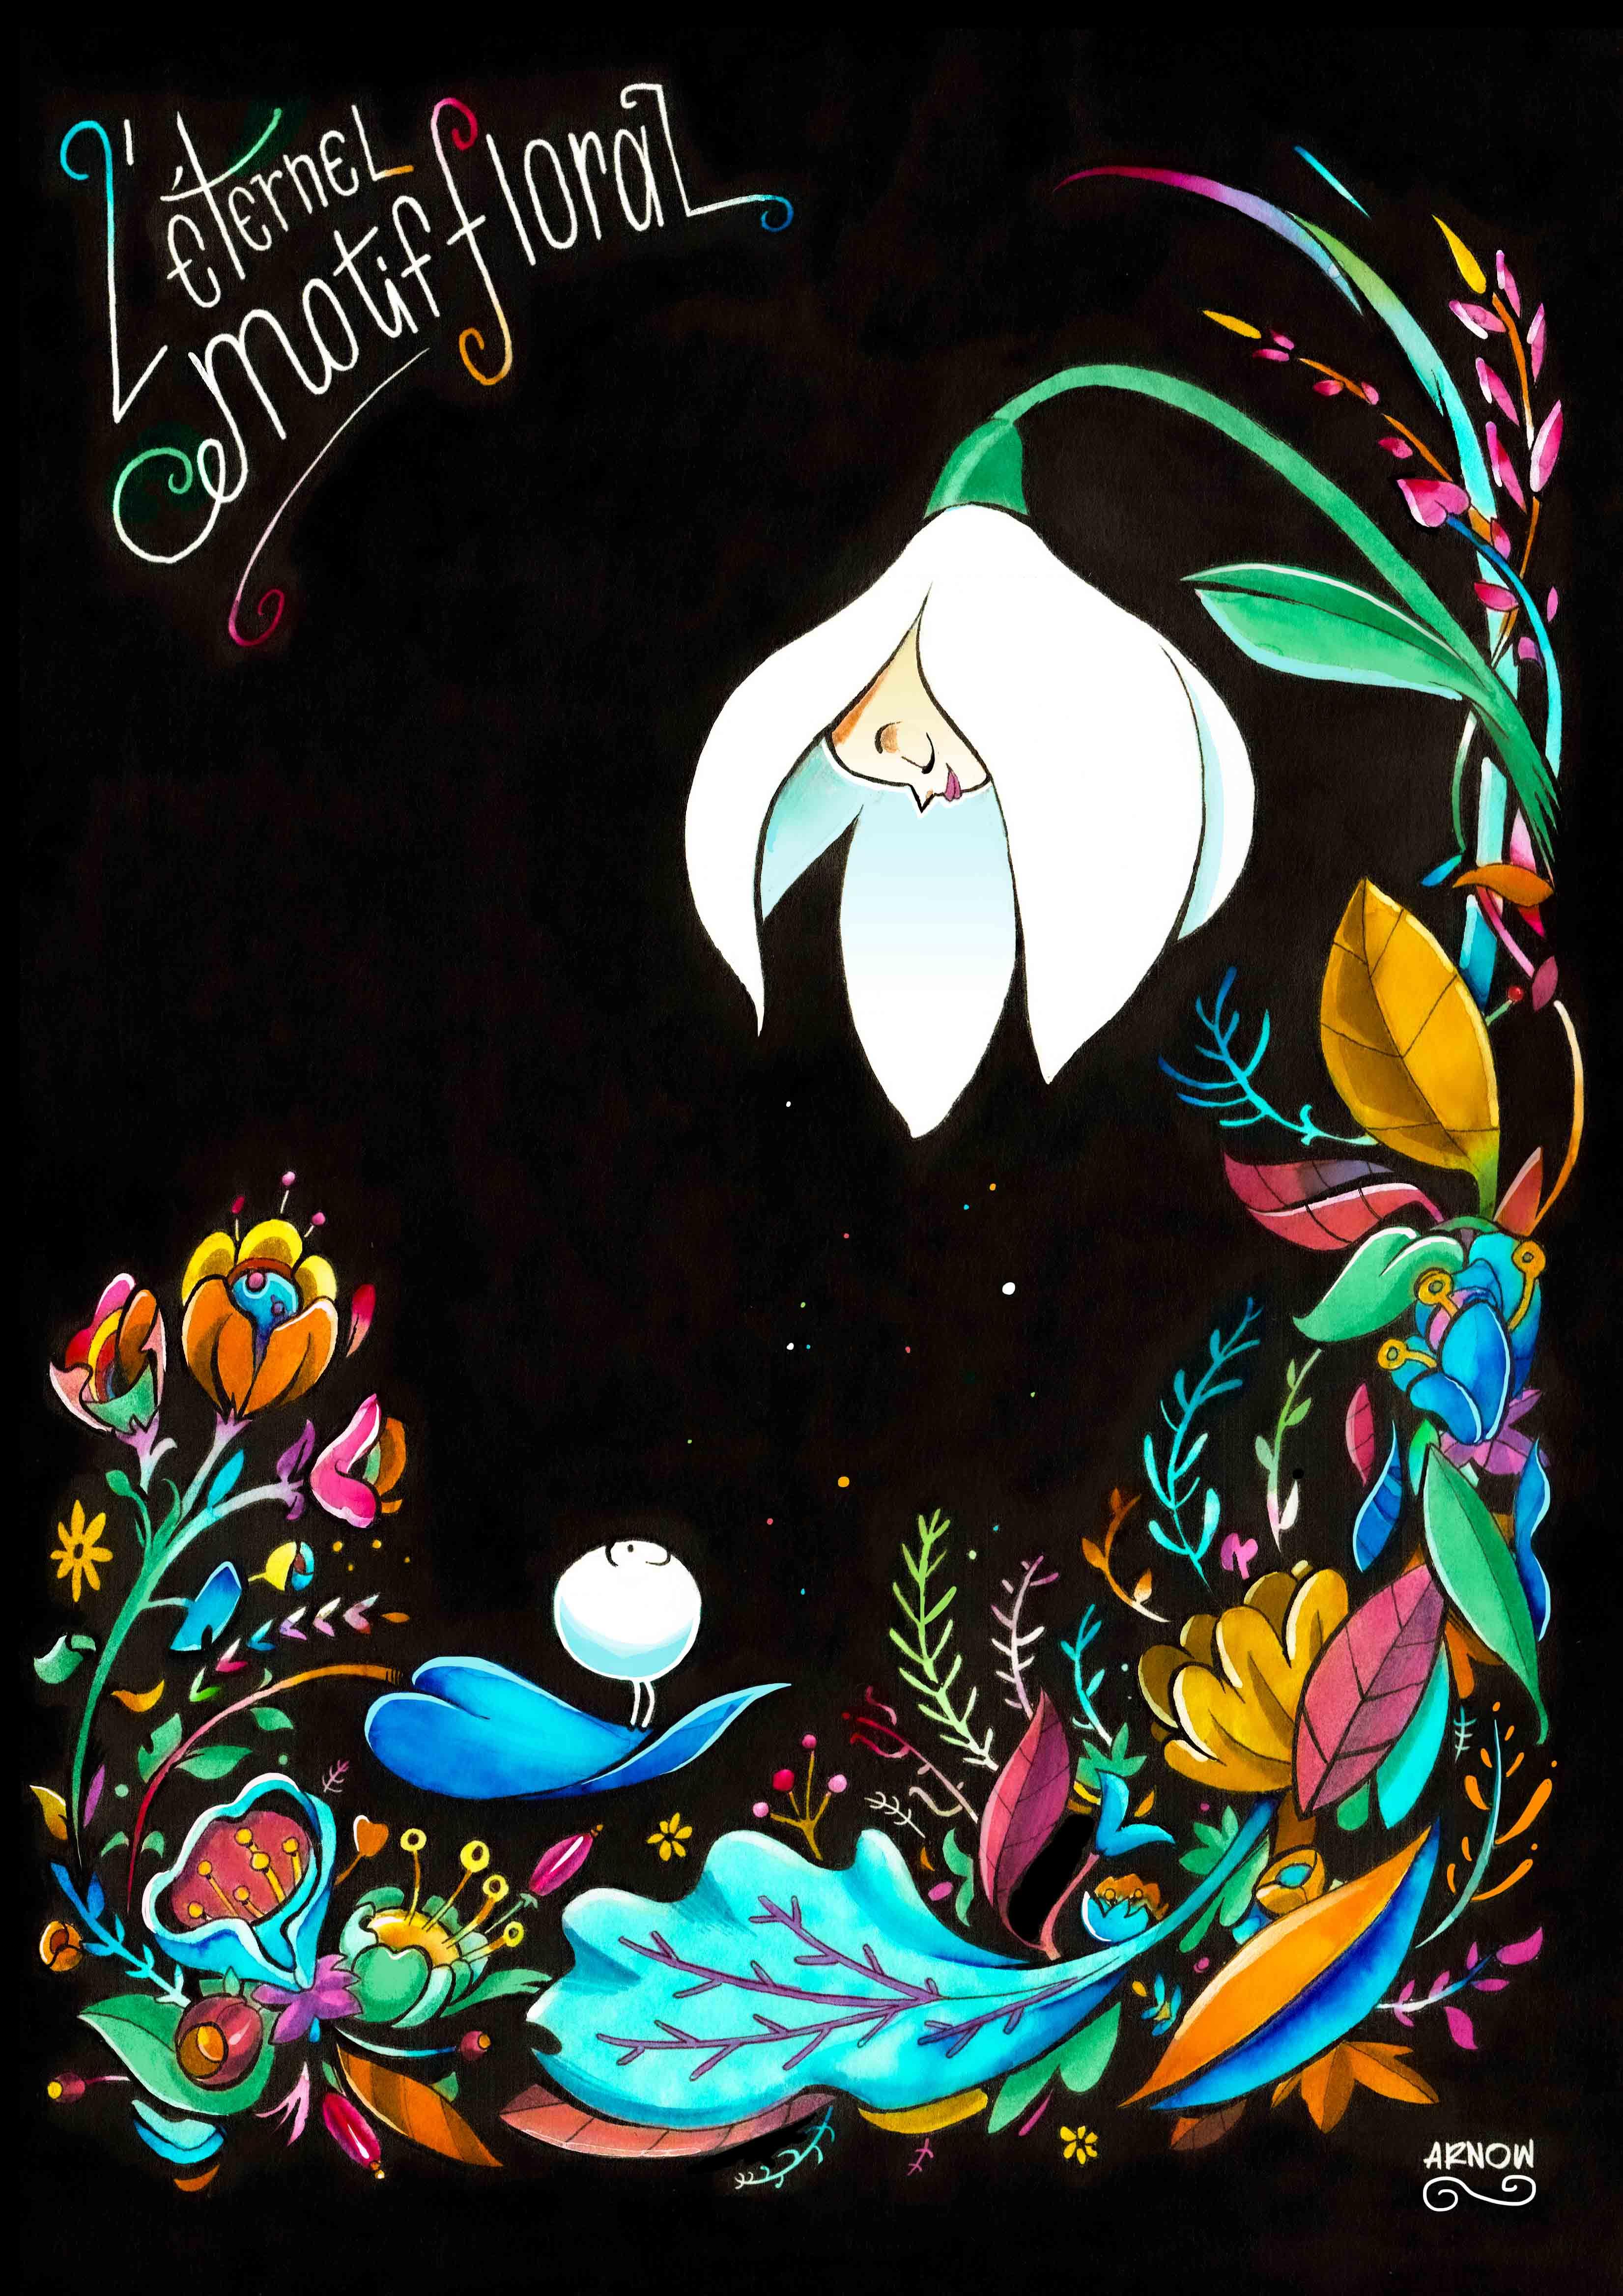 Motif des fleurs